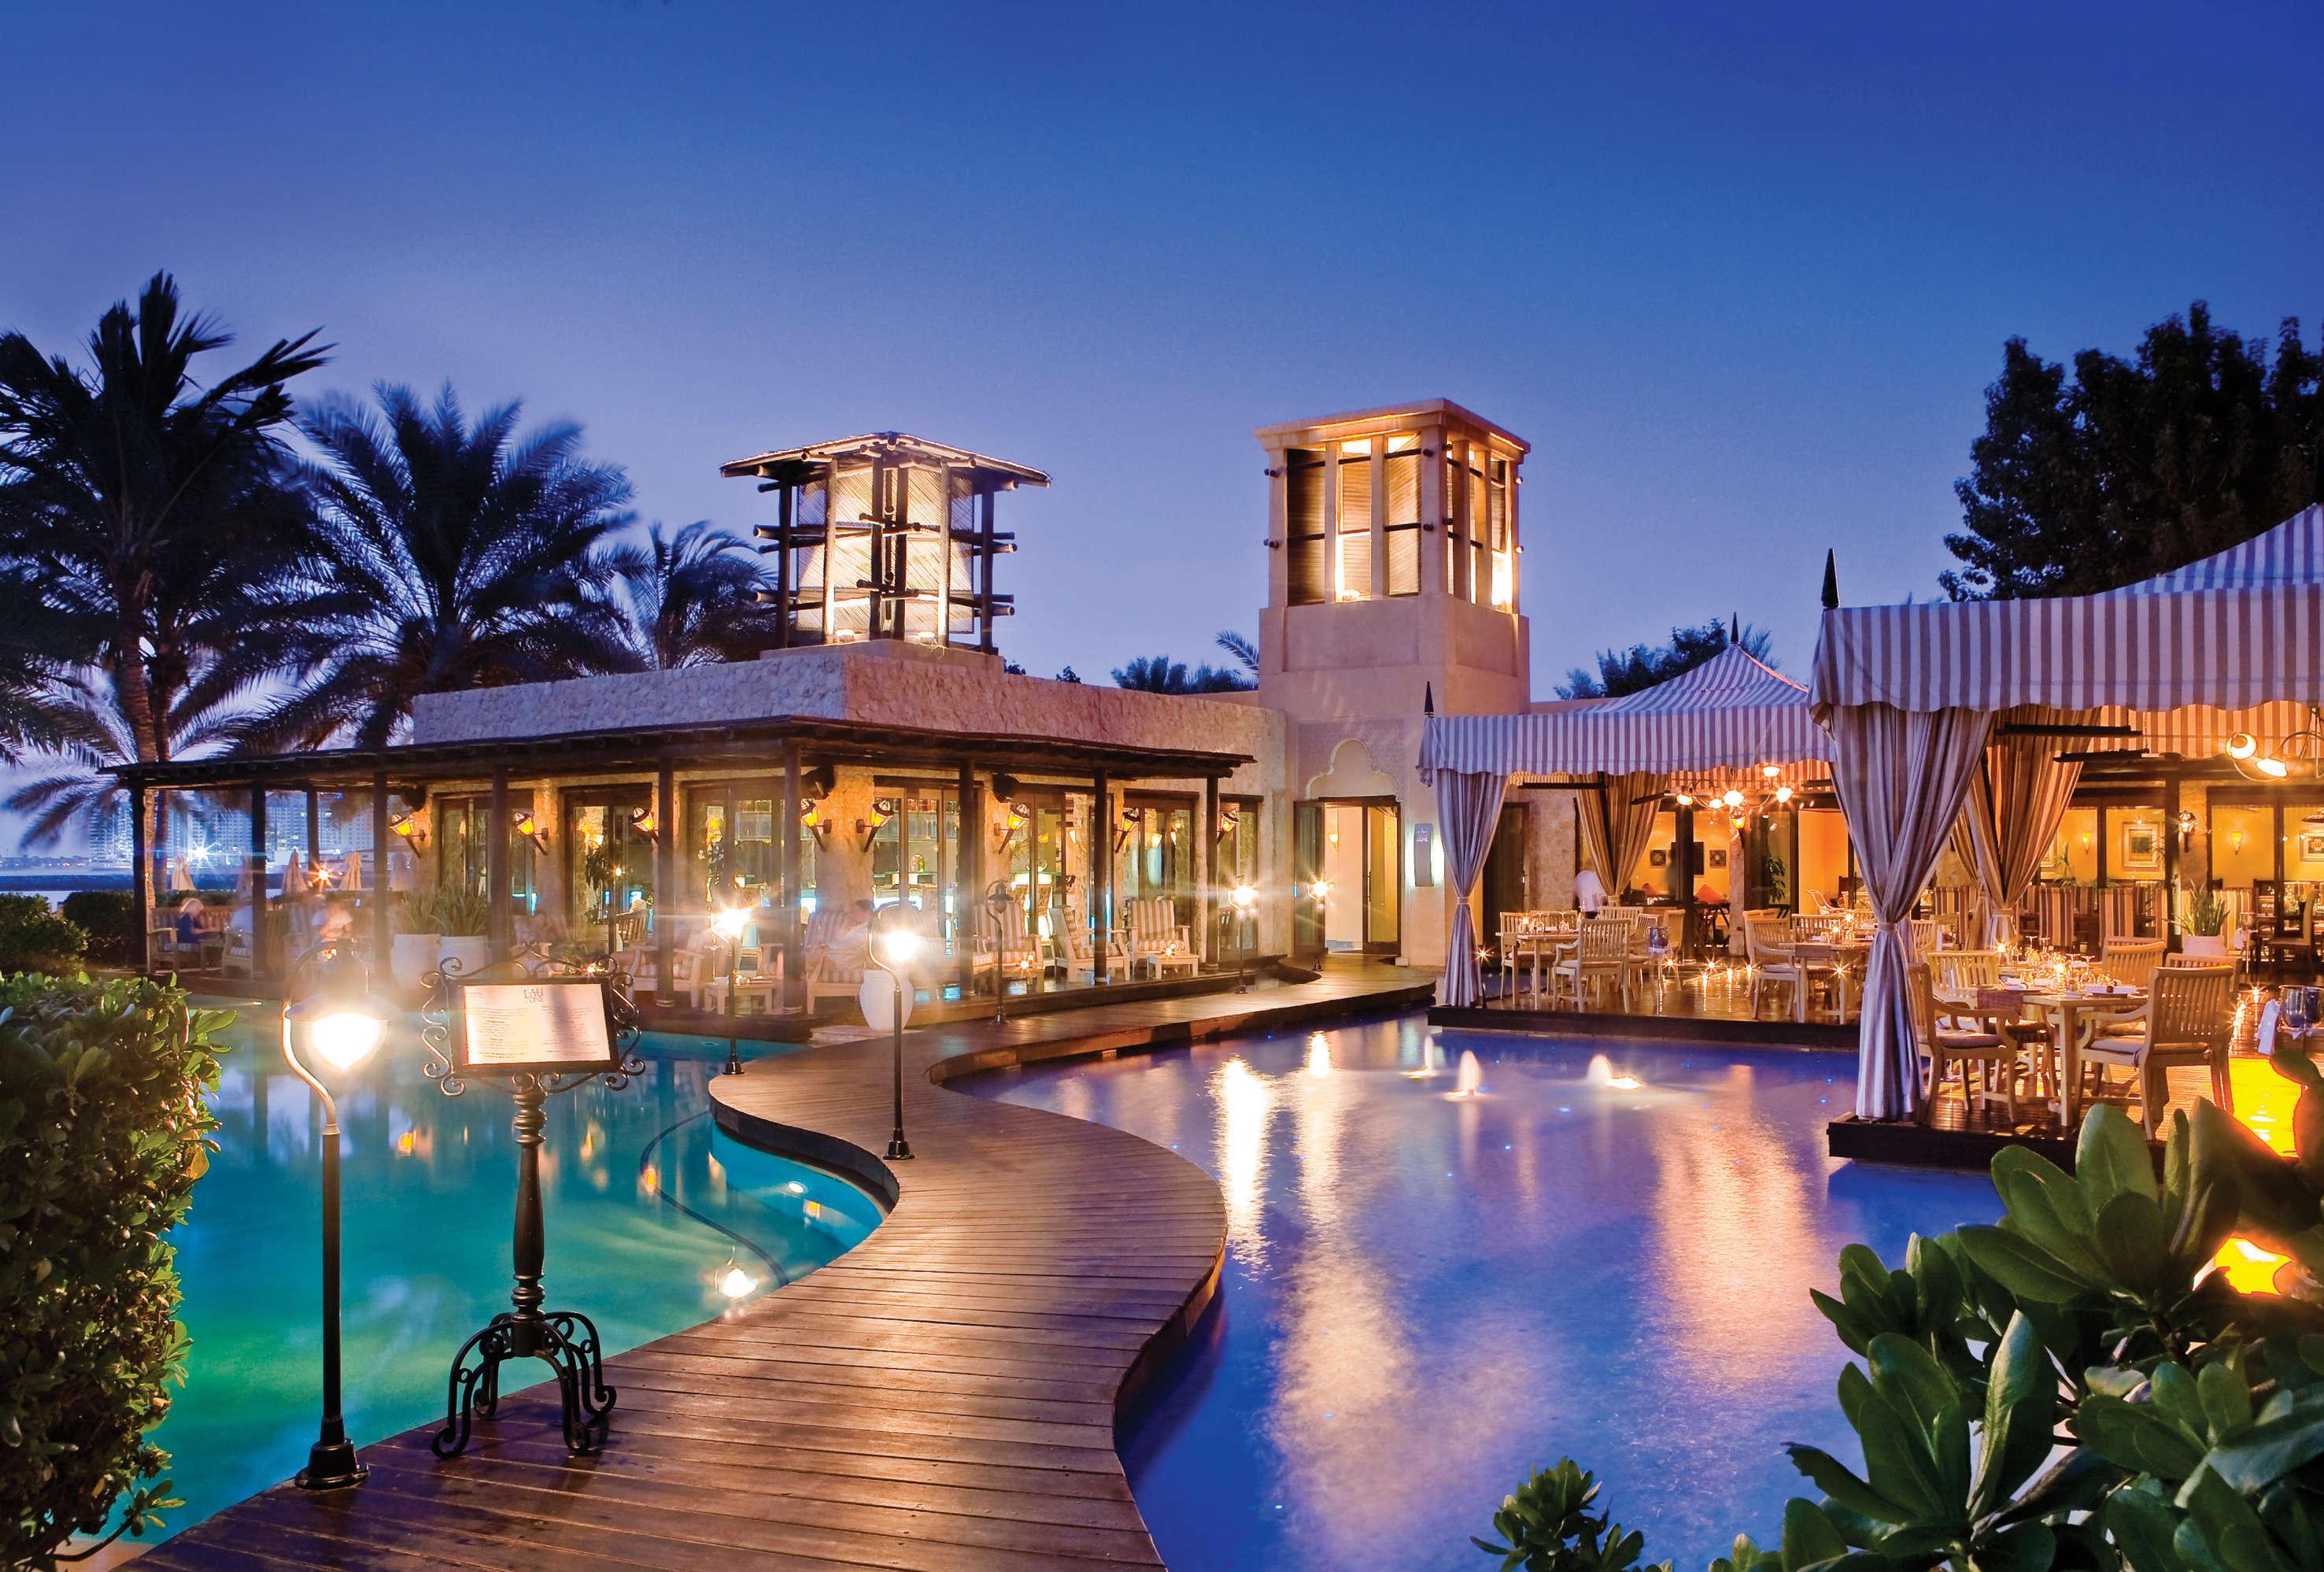 Pool, экстерьер, интерьер, бассейн обои скачать